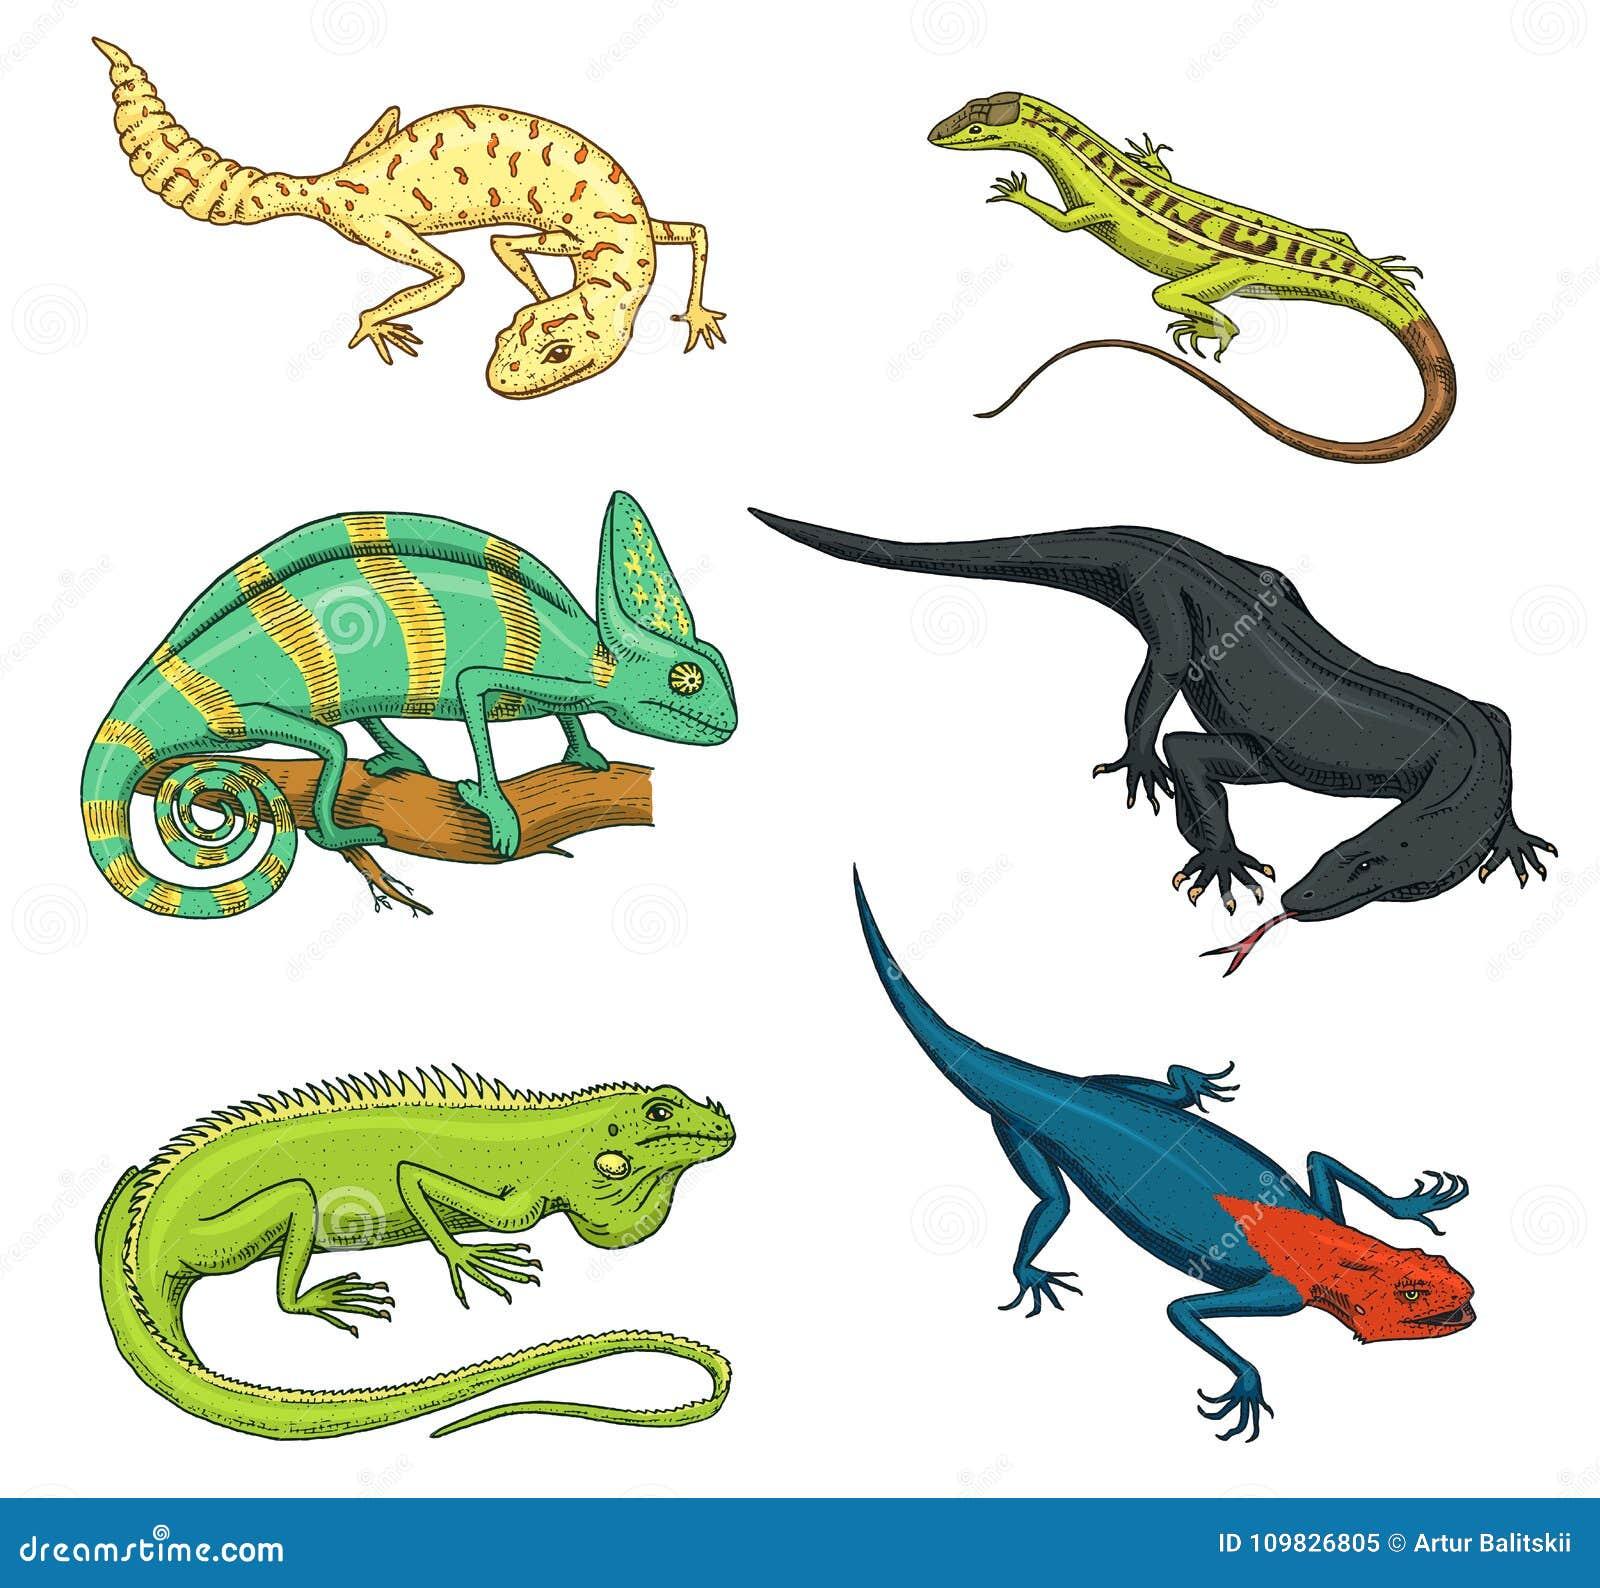 Kameleontödla, grön leguan, bildskärm för Komodo drake, amerikansk sand, exotiska reptilar eller ormar, fett-tailed prickigt